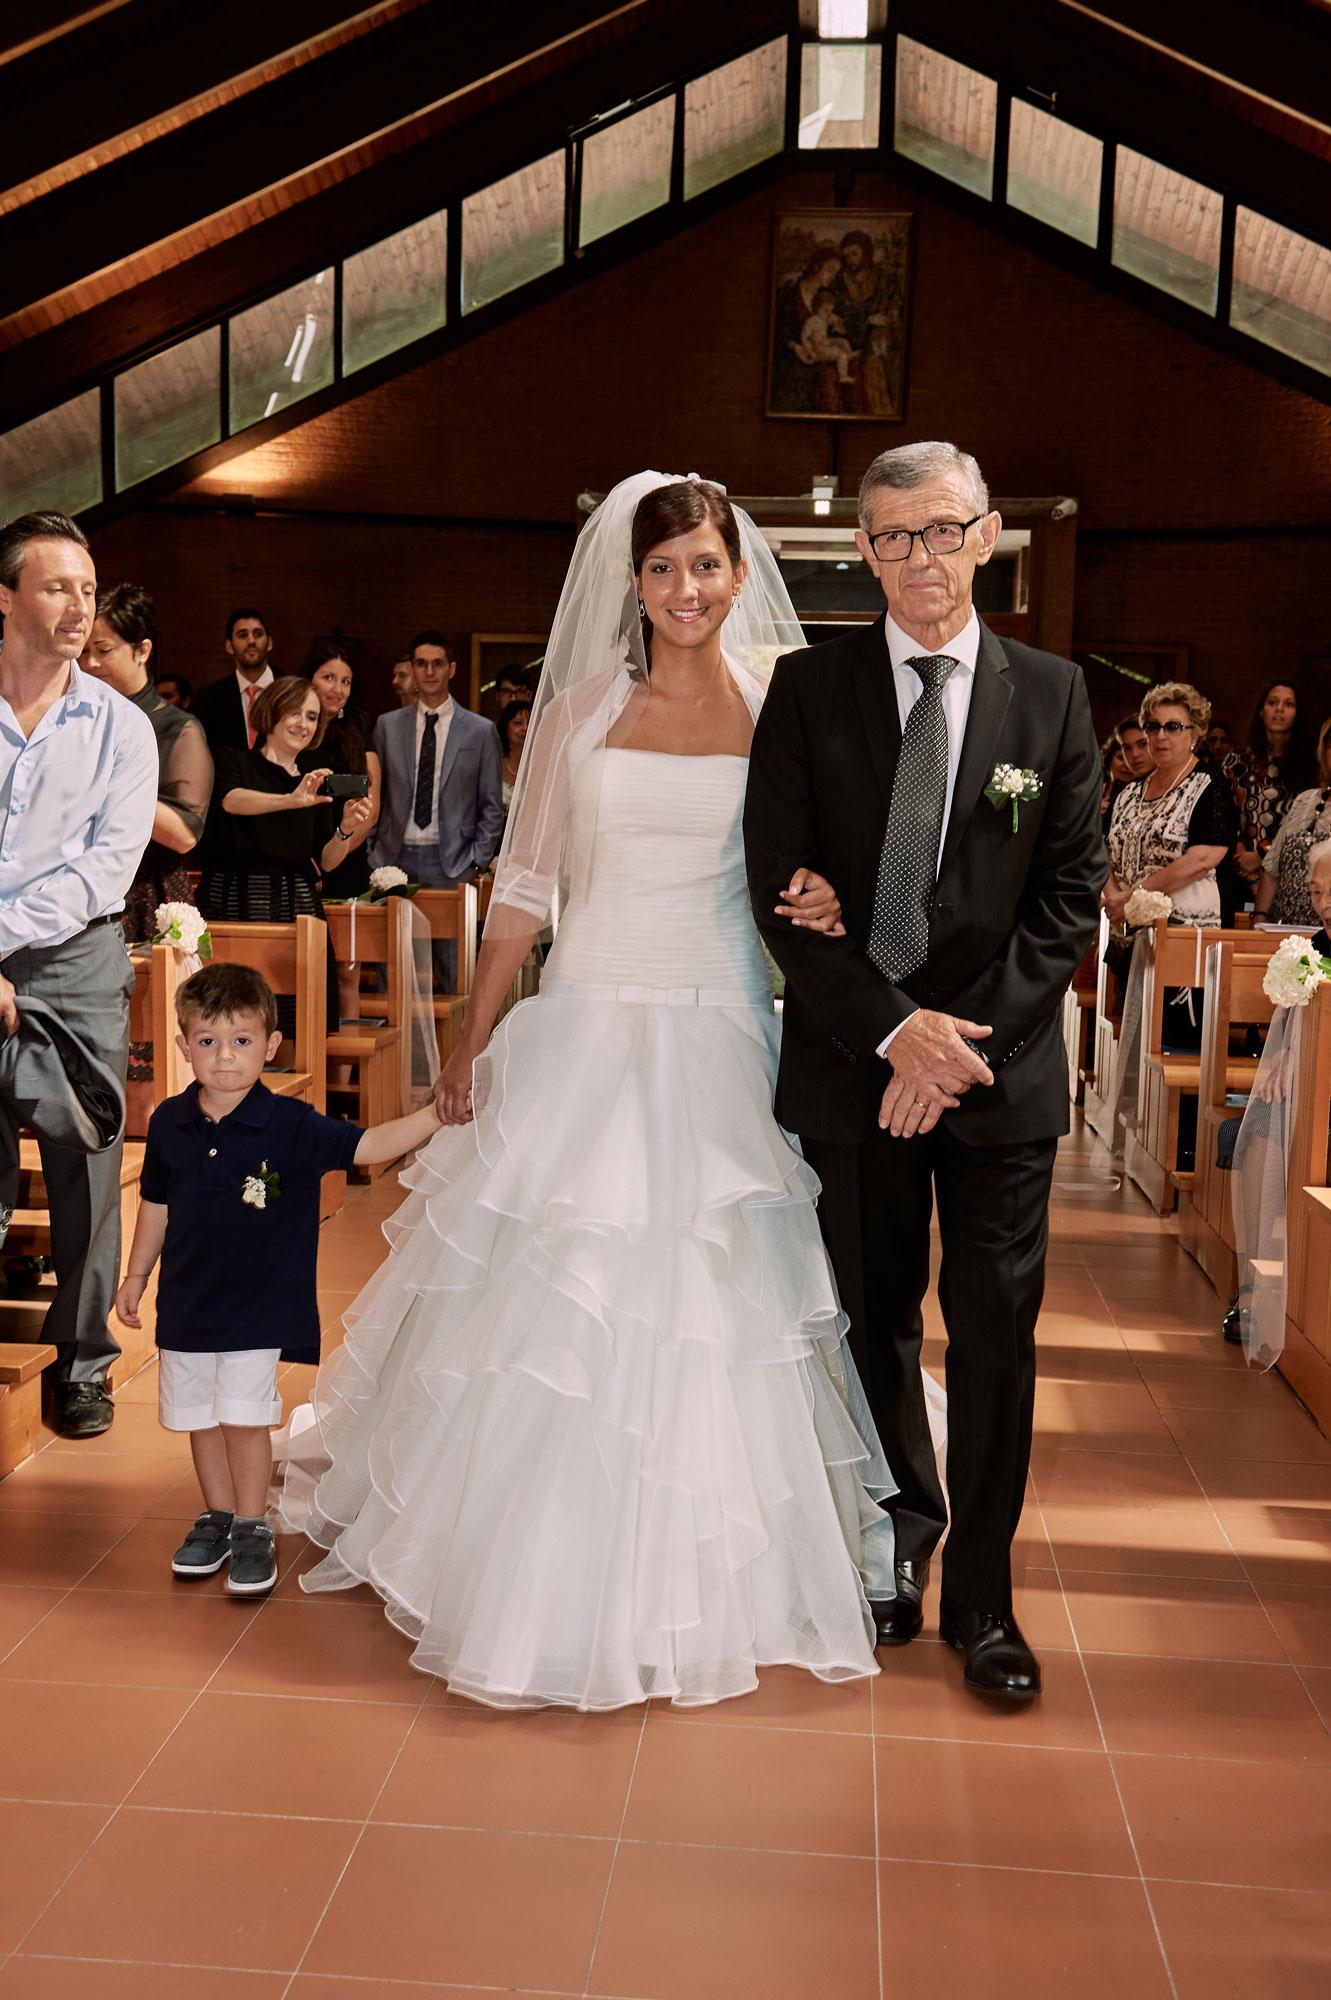 9A-ivano_di_maria_fotografo_matrimonio_ erica_vito